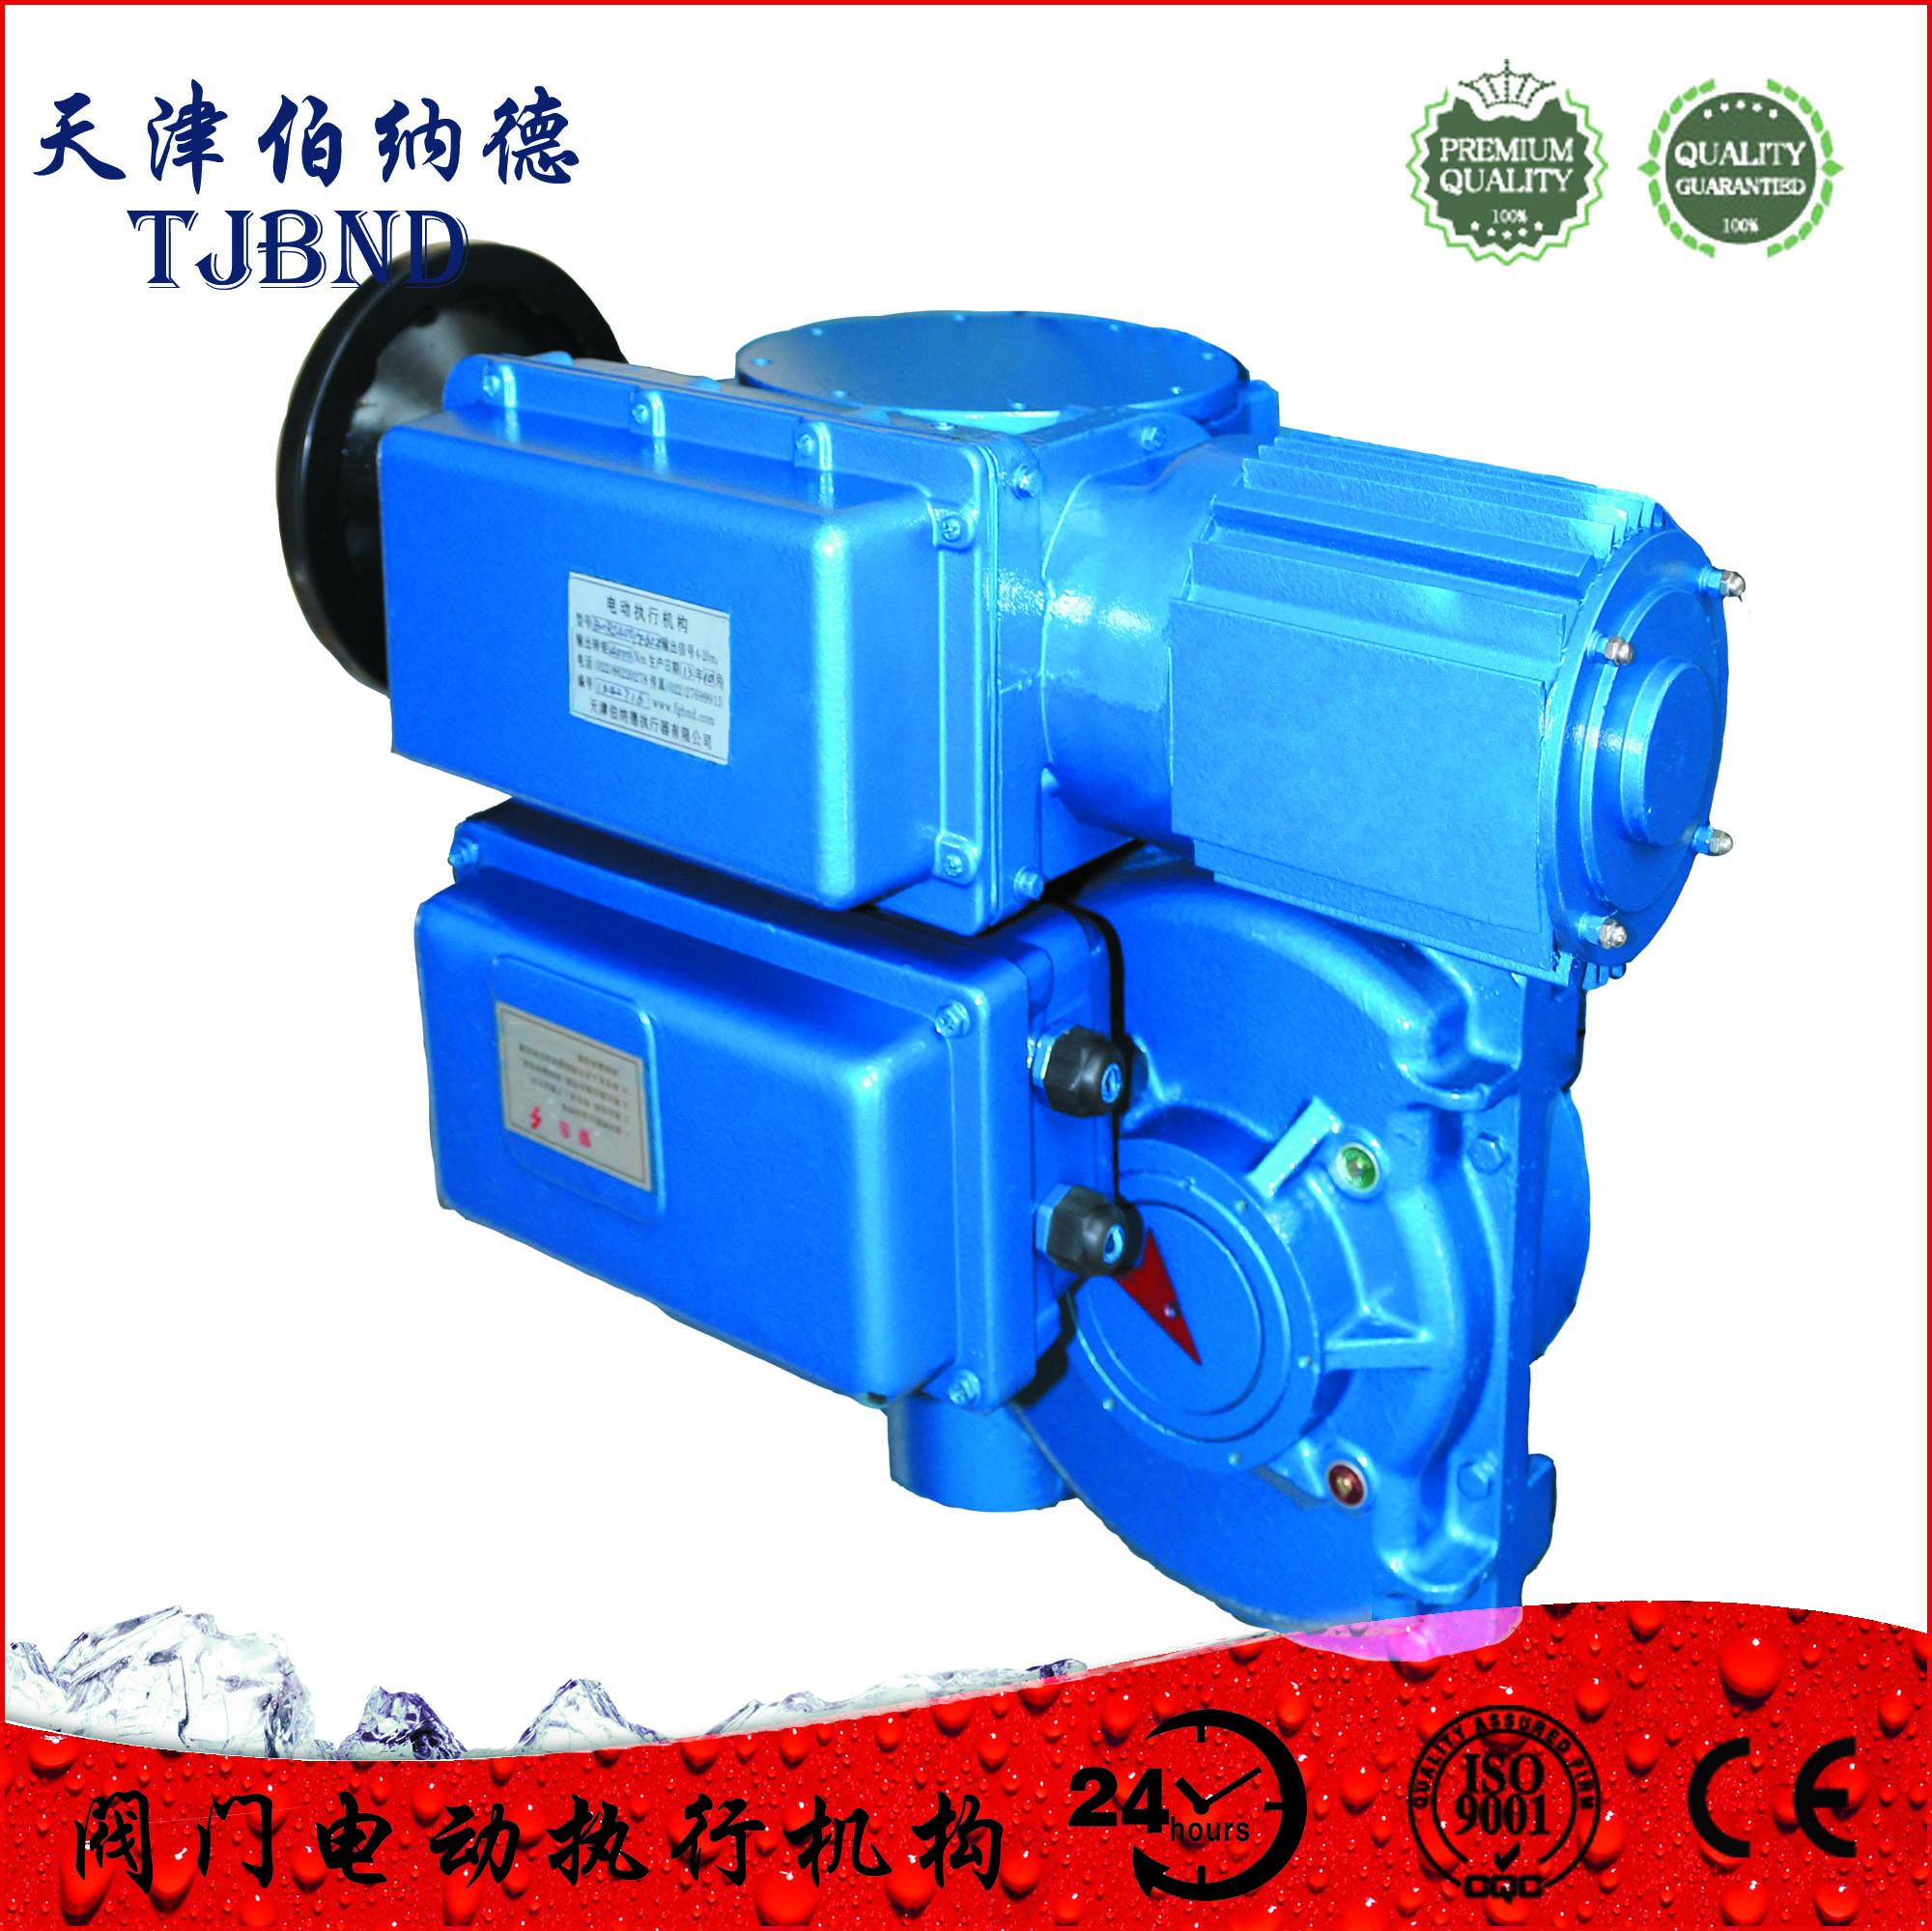 B+RS250/F40H-Y系列电动执行机构 伯纳德,执行器,电动执行器,电动执行机构,电动装置